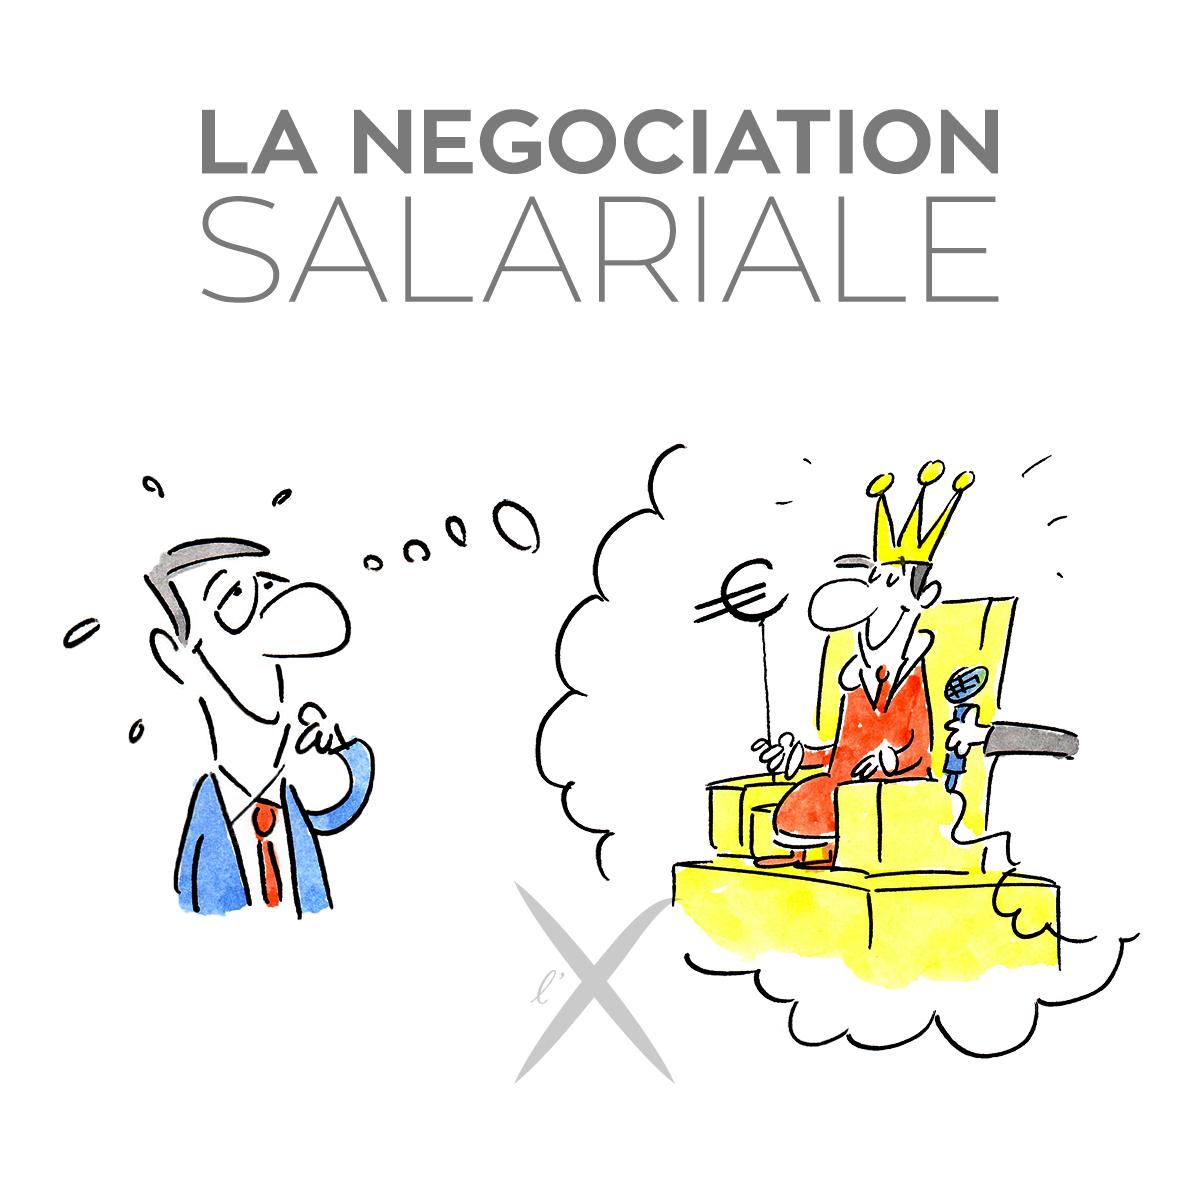 La négociation salariale course image